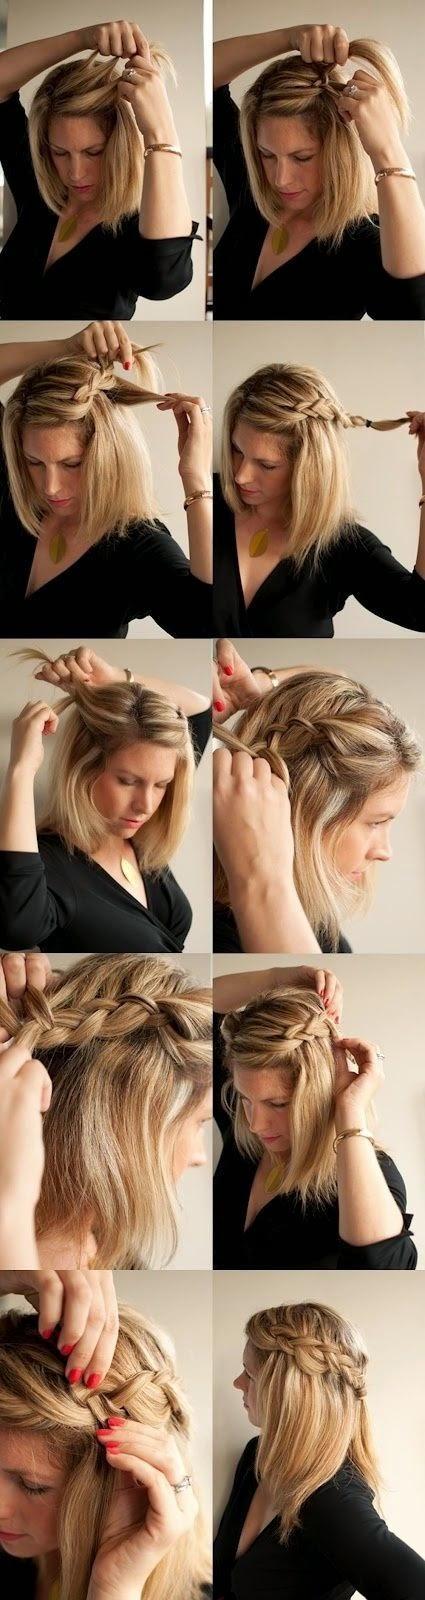 Idee e tutorial per raccogliere i capelli d 39 estate paperblog for Come leggere i progetti per i manichini